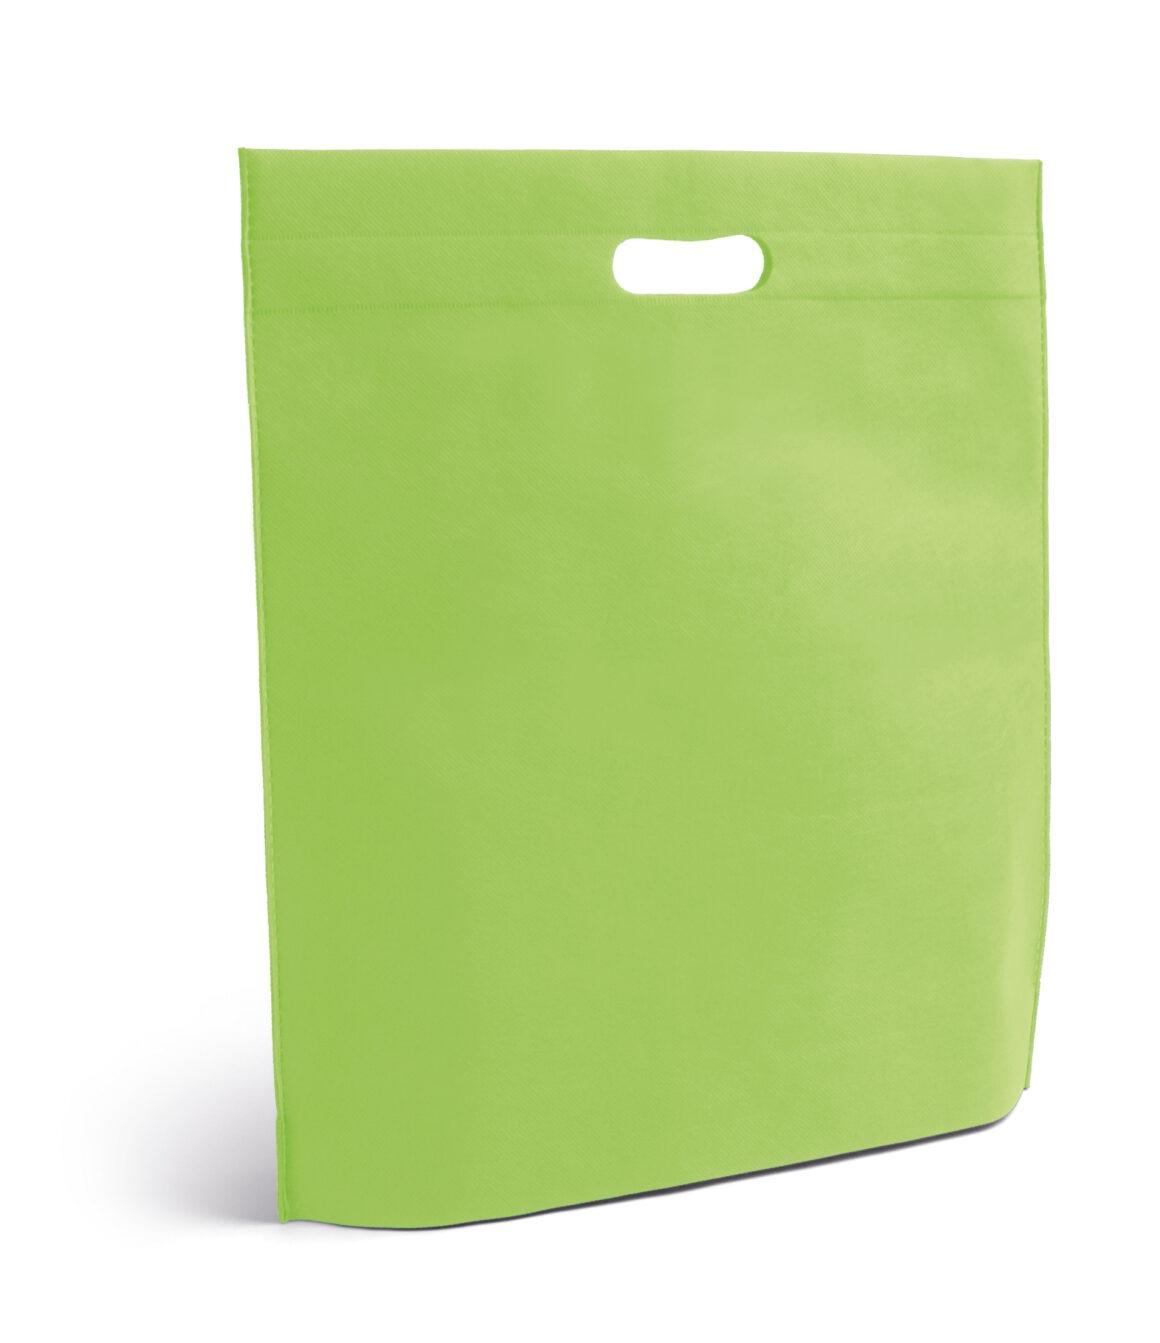 Delen Eco friendly Bag Product Code GP92845